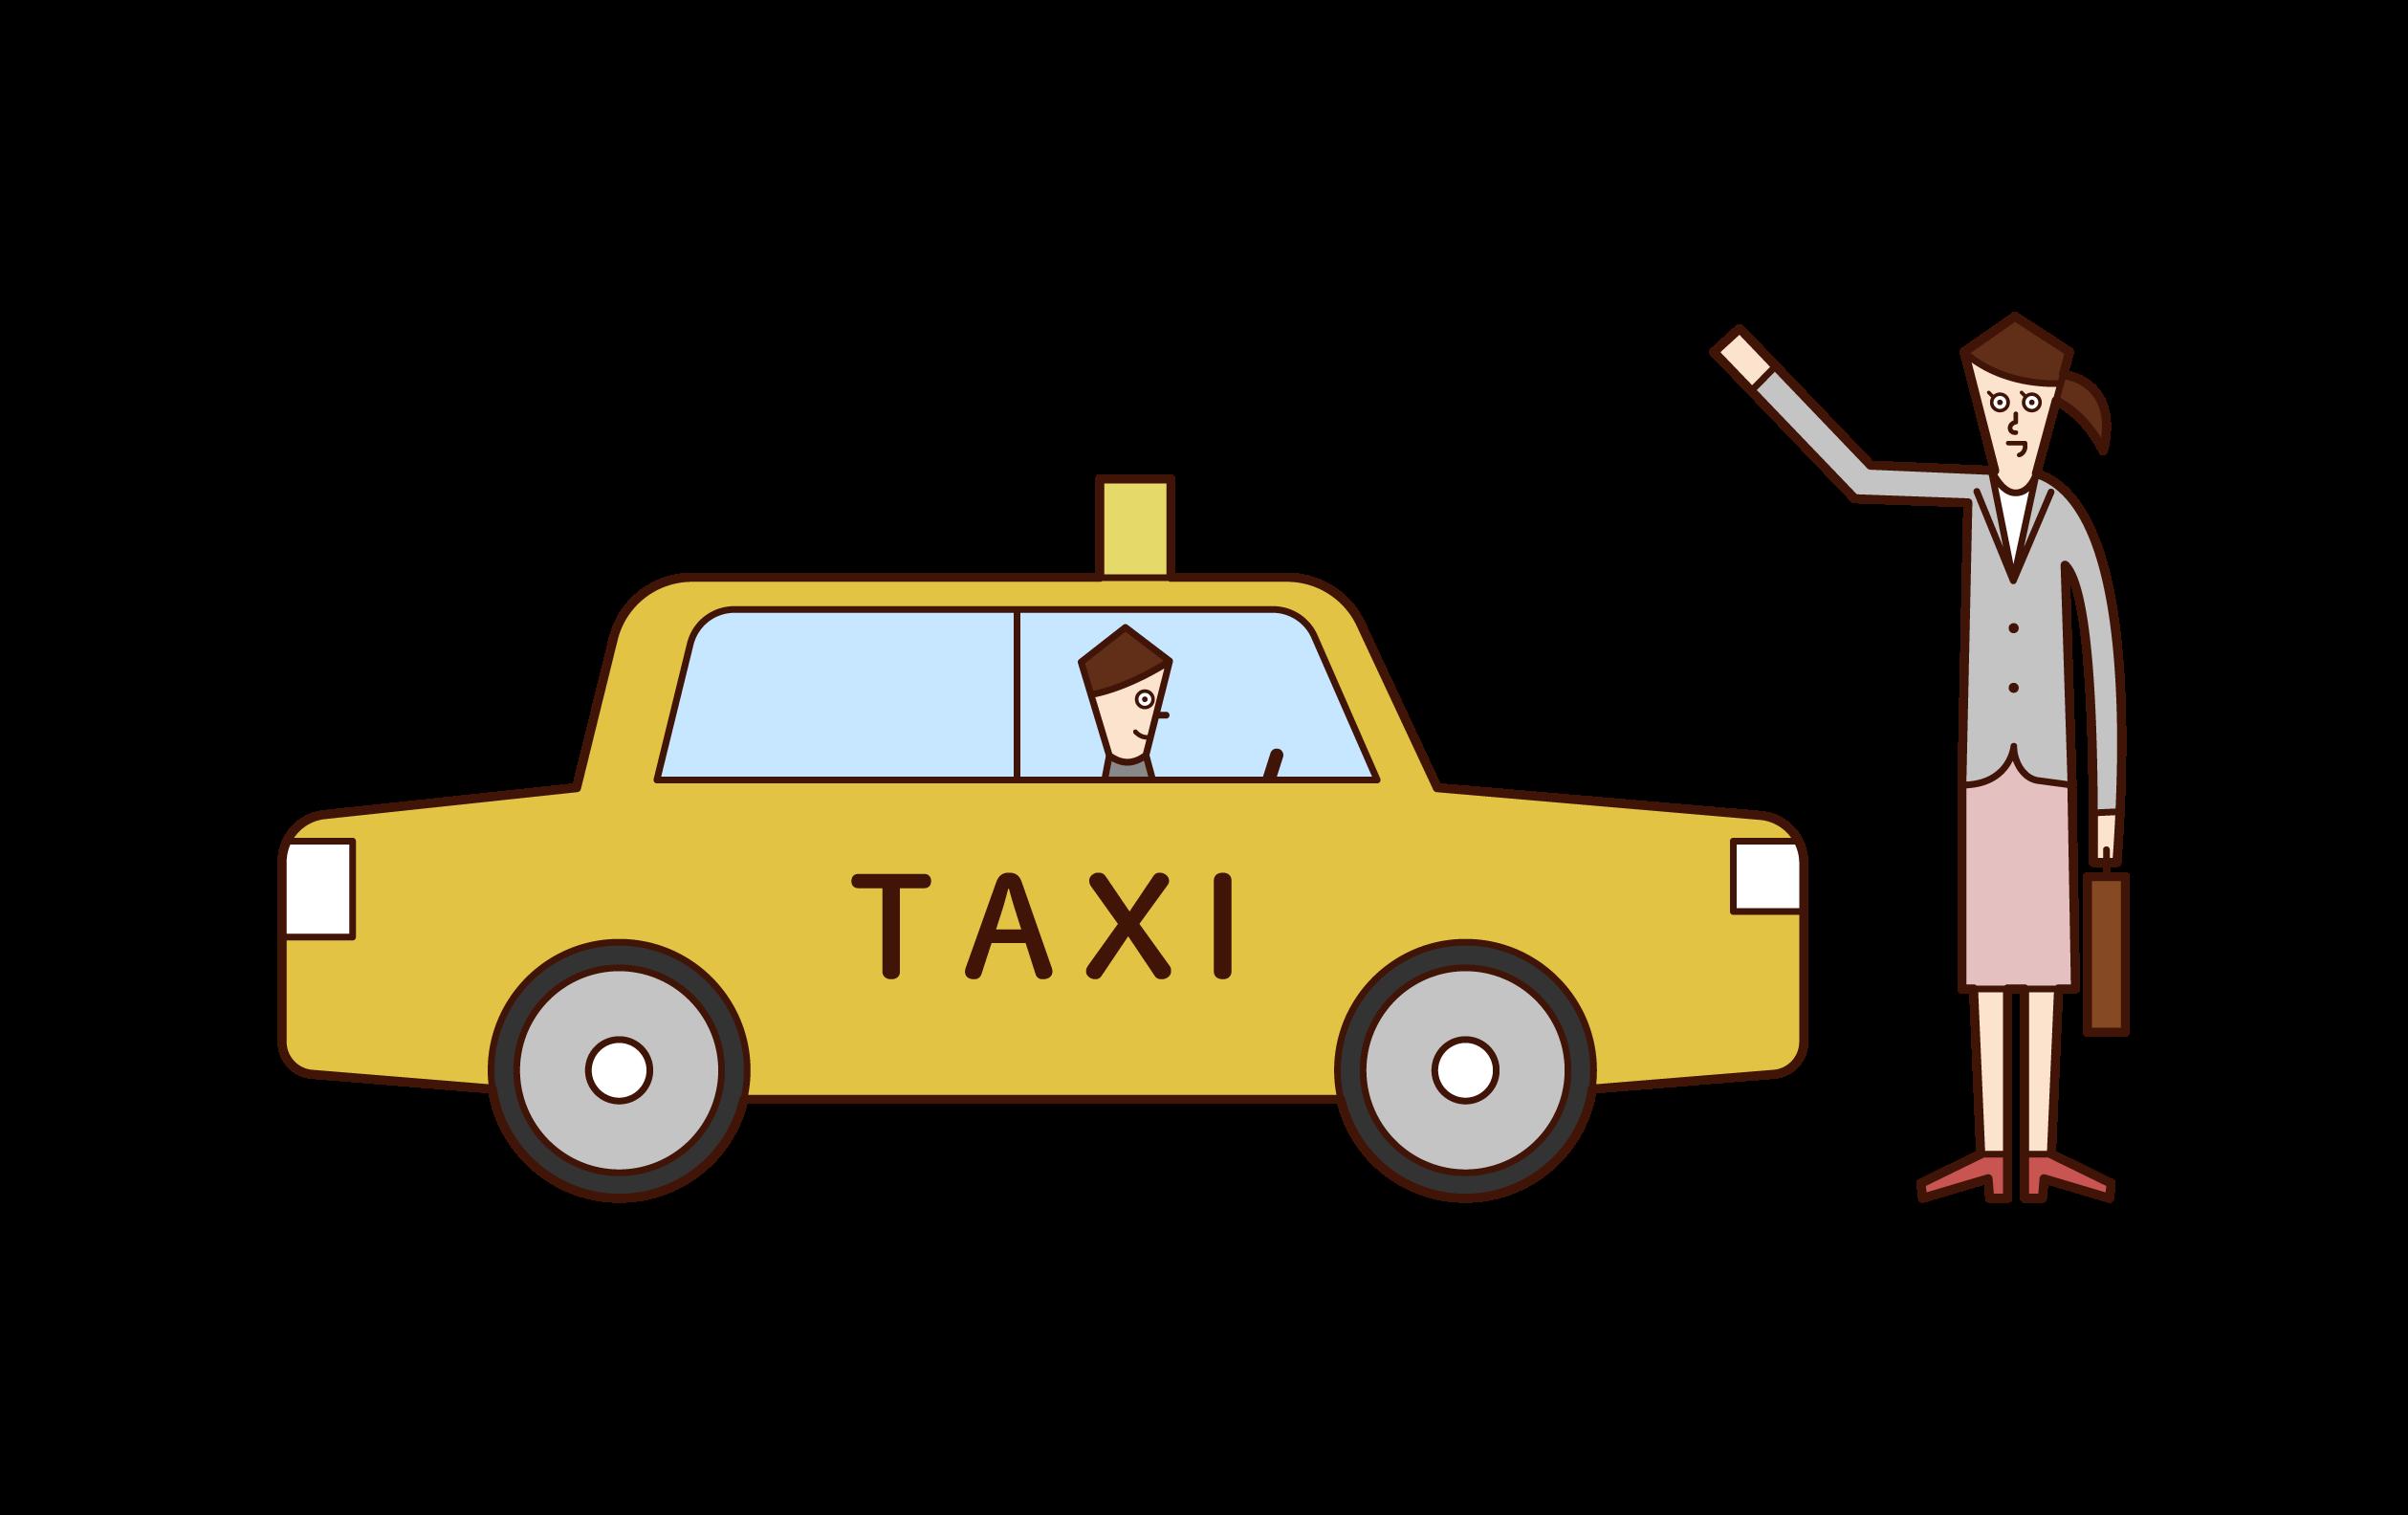 택시를 잡는 여자의 그림